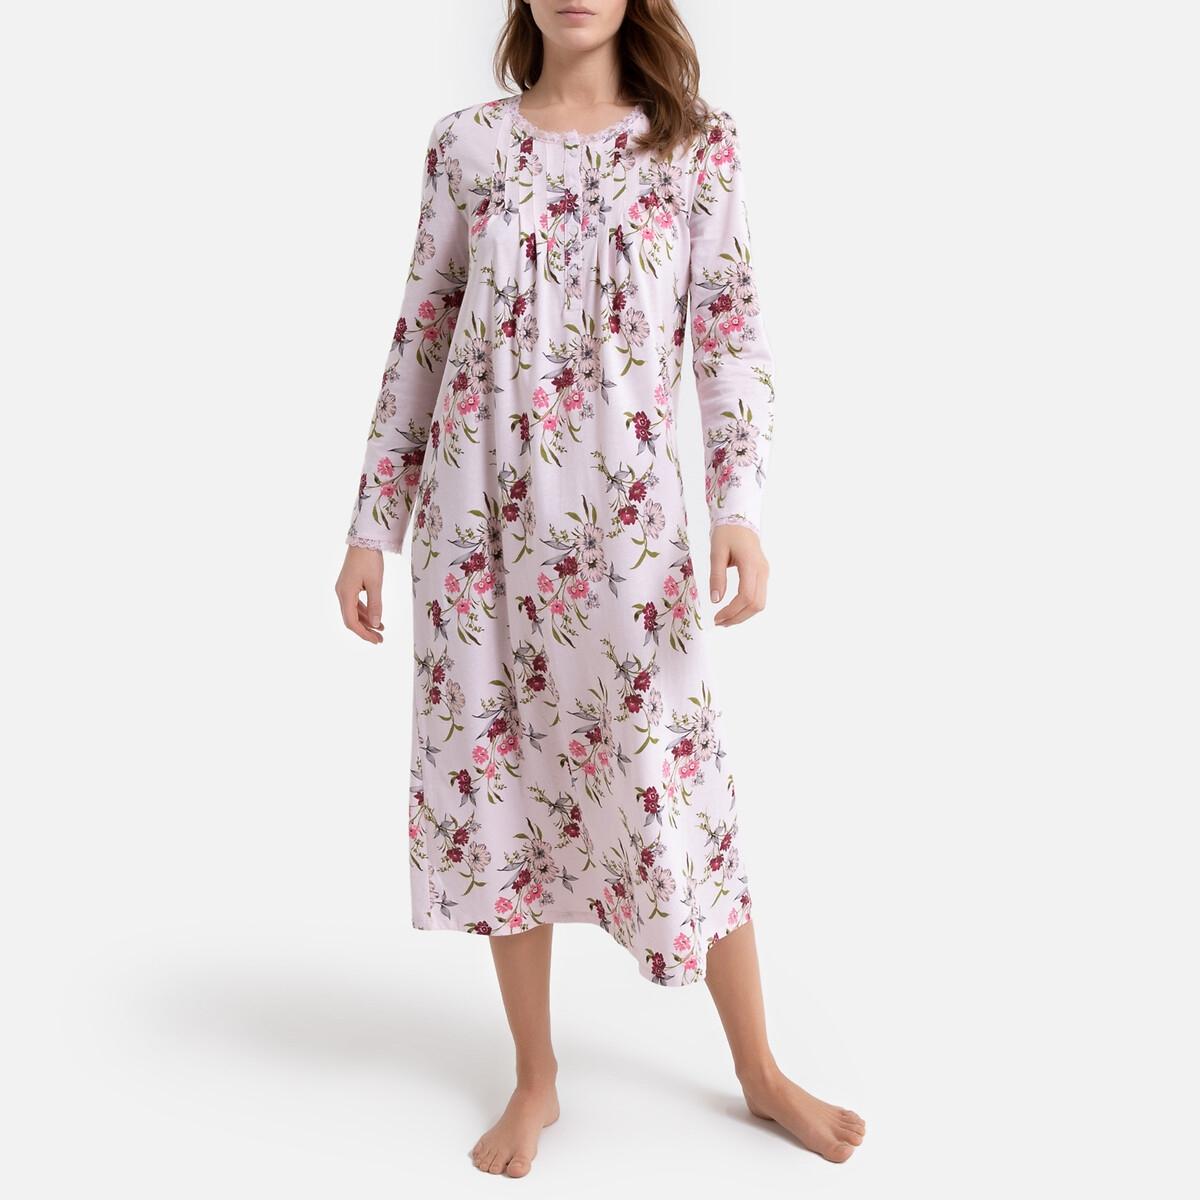 Camisa de dormir em puro algodão, mangas compridas